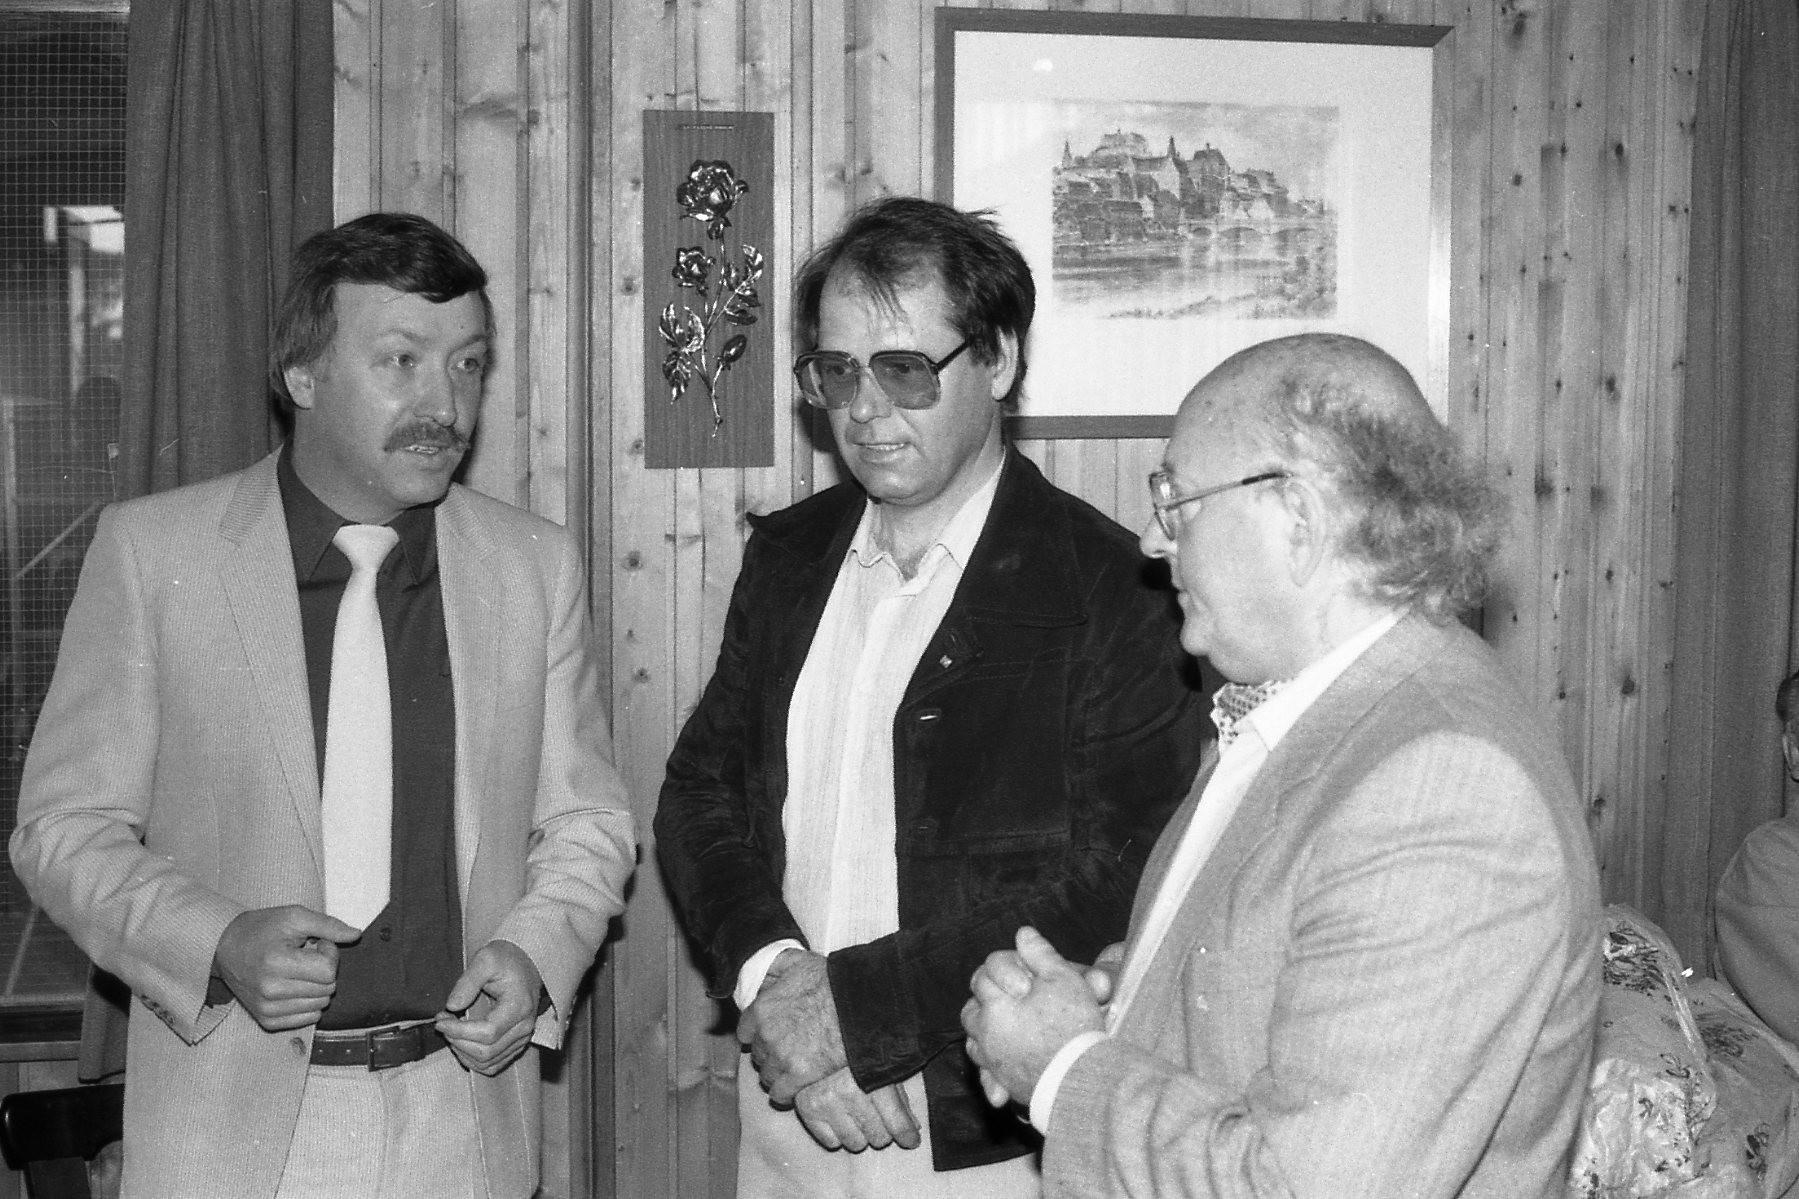 v.l. Guido Glück, Gisbert Dieter, Bgm. Hans Pfeiffer